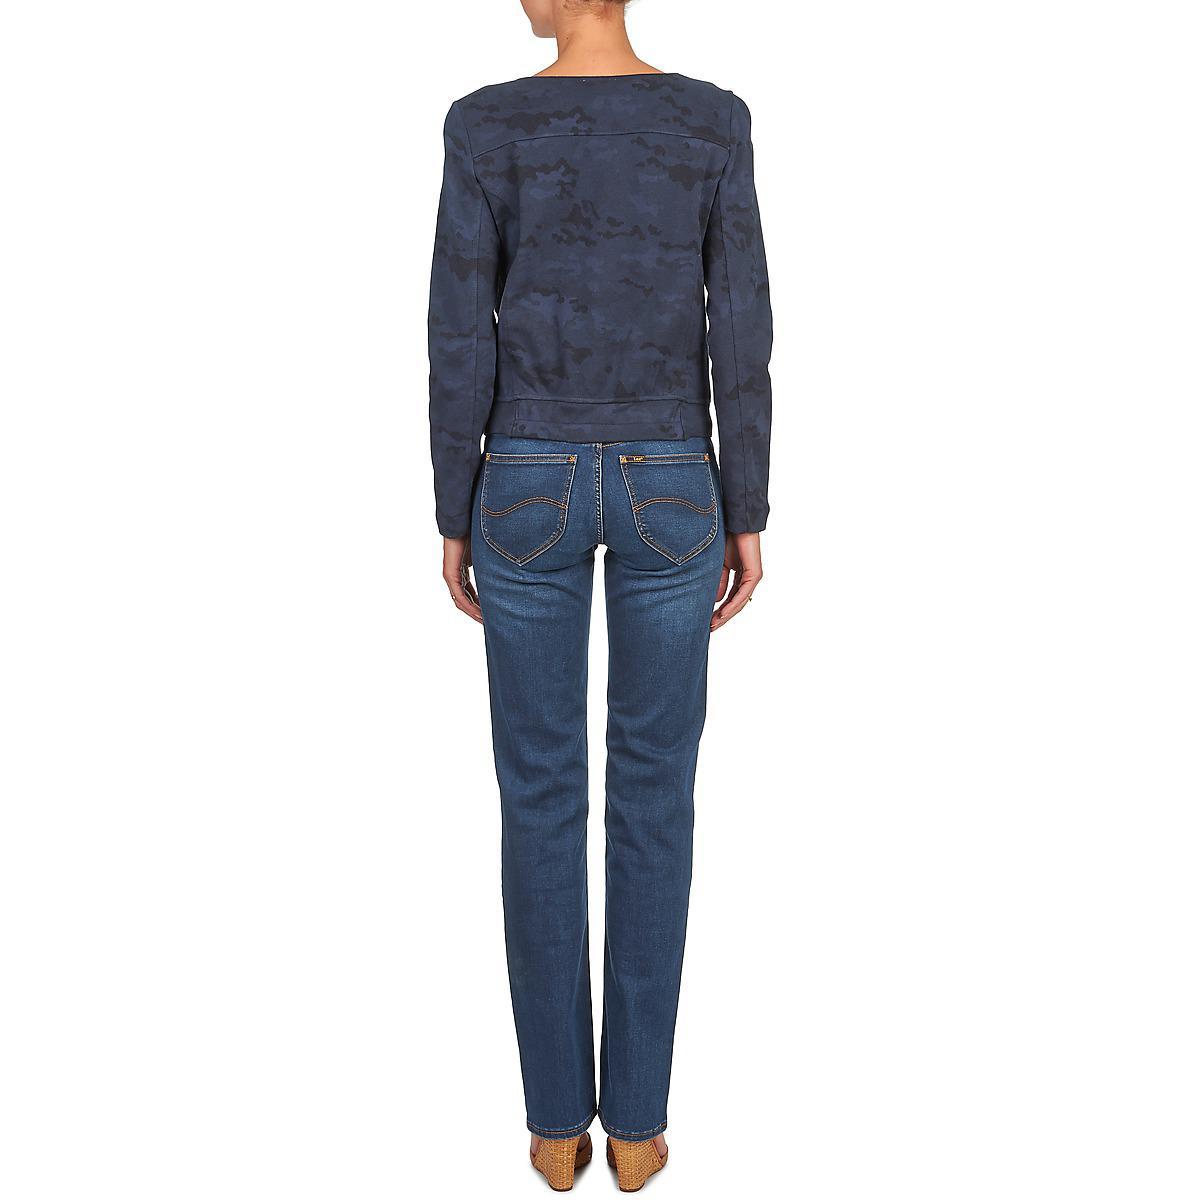 Lee Jeans Bomber Women's Jacket In Blue